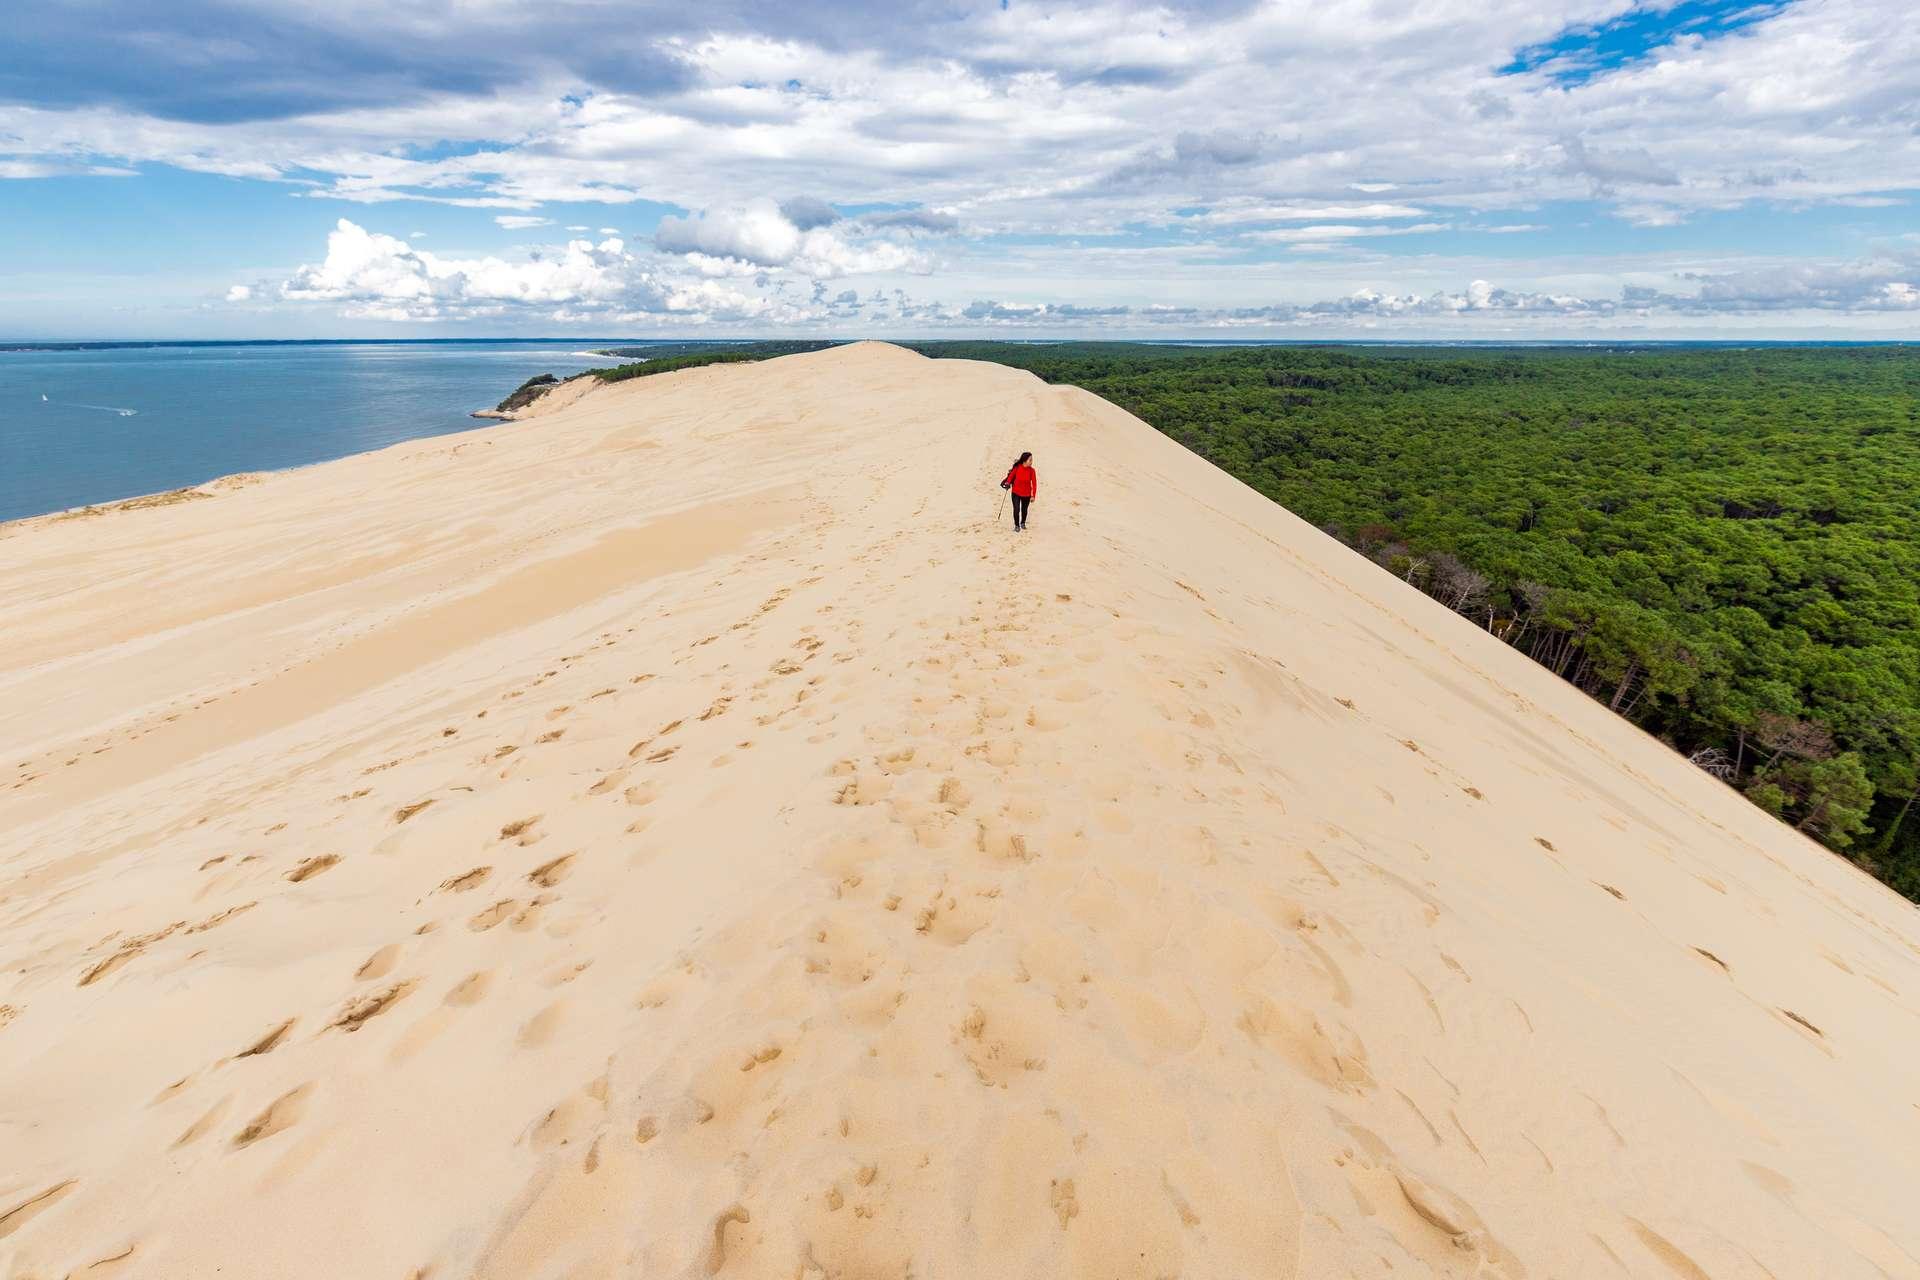 Située en Gironde, la Dune du Pilat est en bordure du massif forestier des Landes de Gascogne et à l'entrée du bassin d'Arcachon. Il s'agit d'un site naturel mouvant, de près de 3 km de long et de plus de 600 mètres de large, dont les mensurations varient au fil des ans. Entre 2017 (110,5 mètres) et 2018 (106,6 mètres), elle avait déjà connu une perte de sable de 3,9 mètres en son point culminant. © Stéphane Bidouze, Adobe Stock